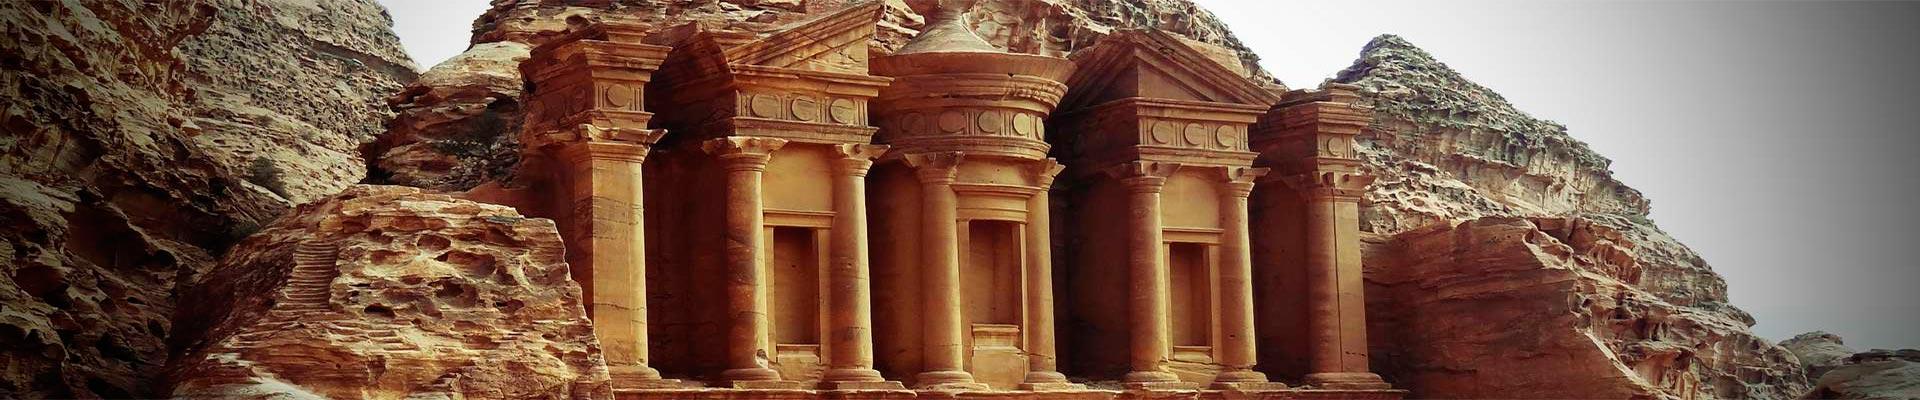 Jordânia Completa